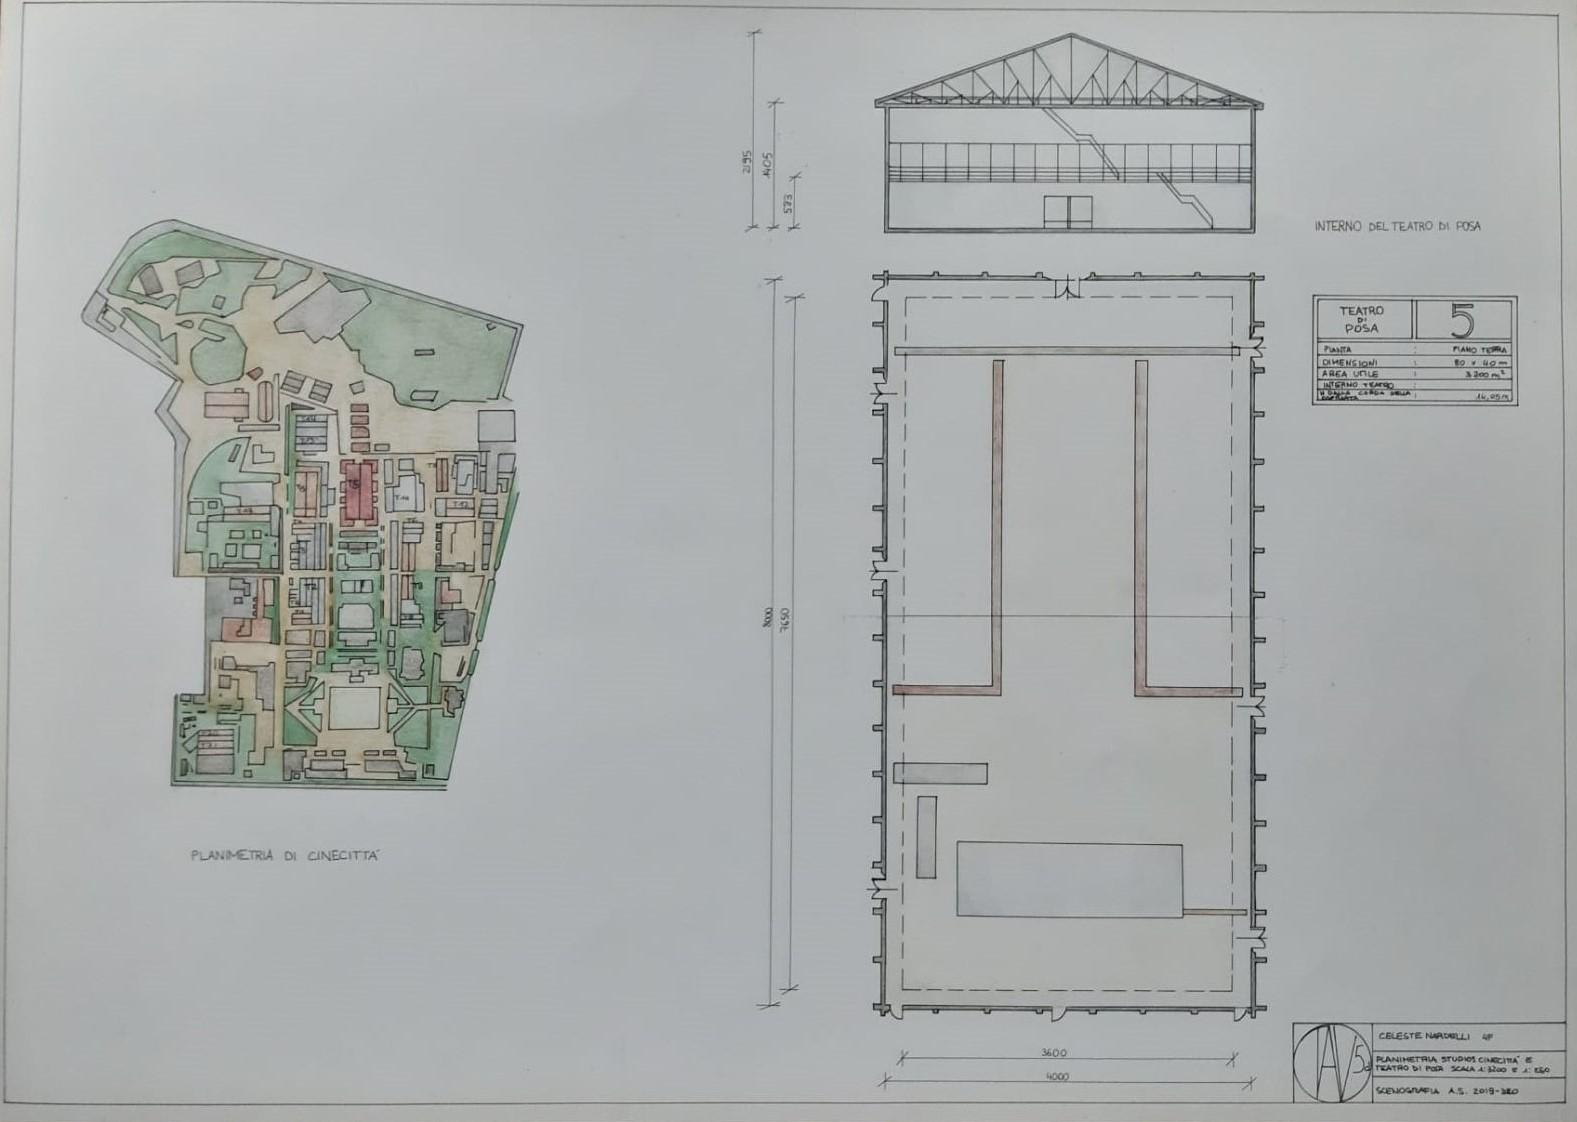 002-DIS-SCENOTECNICO-CELESTE-NARDELLI-5F-PROGETTO-CINEMA-TAV5-FILM-IL-GATTOPARDO-SCENE-IN-UN-TEATRO-DI-POSA-A-CINECITTA